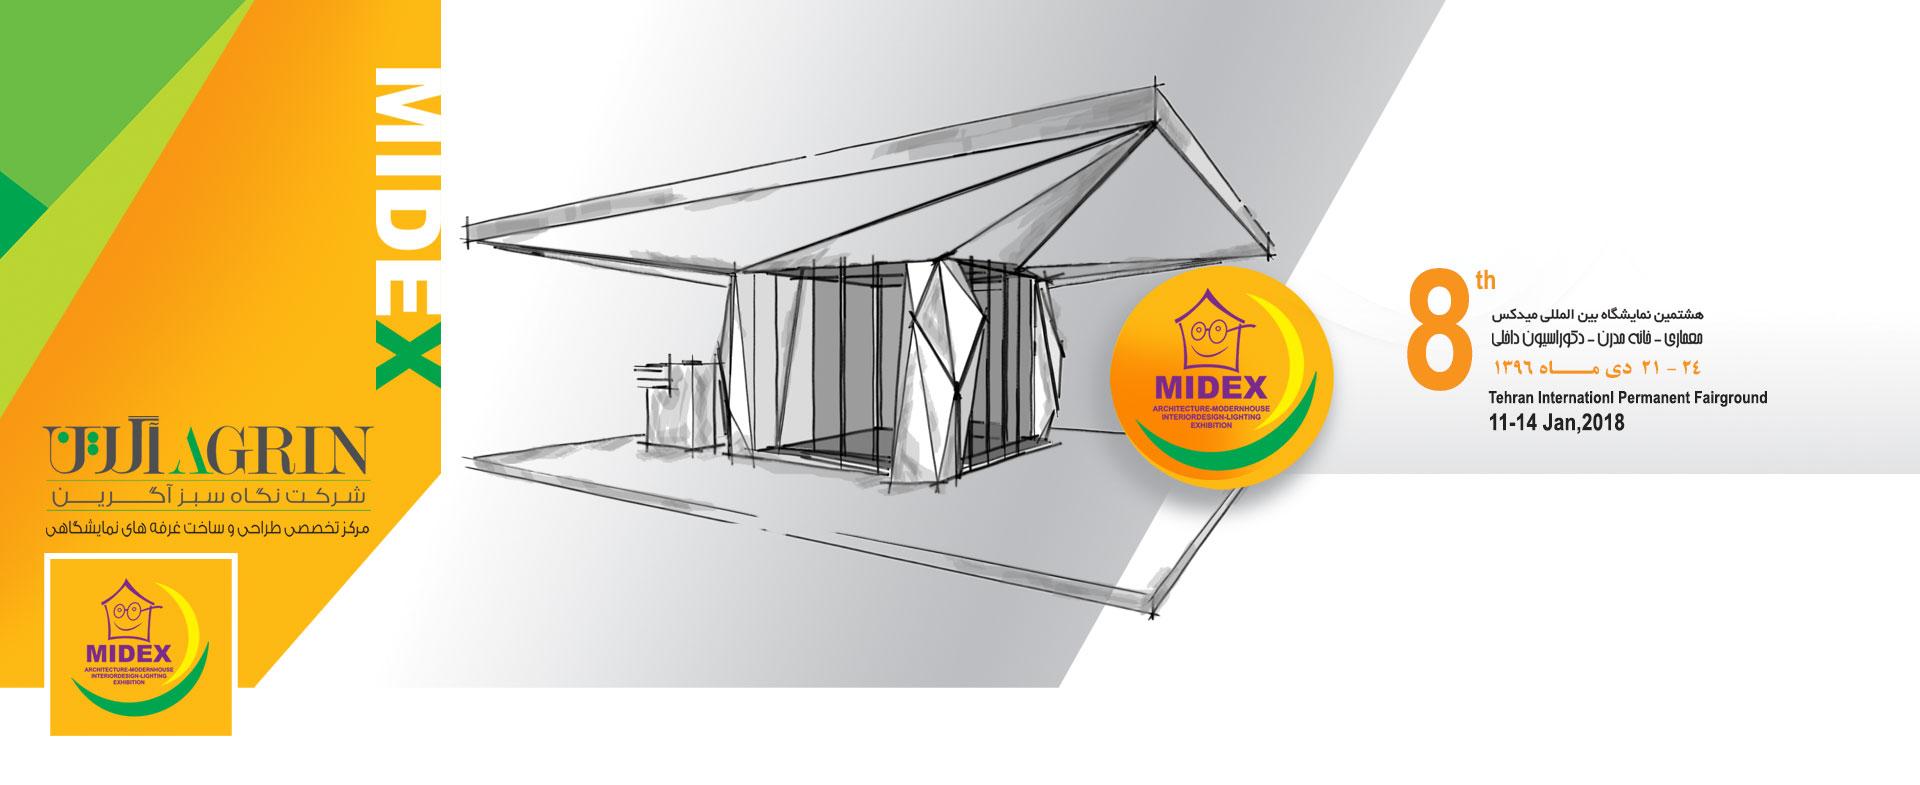 نمایشگاه بین المللی میدکس midex 2018